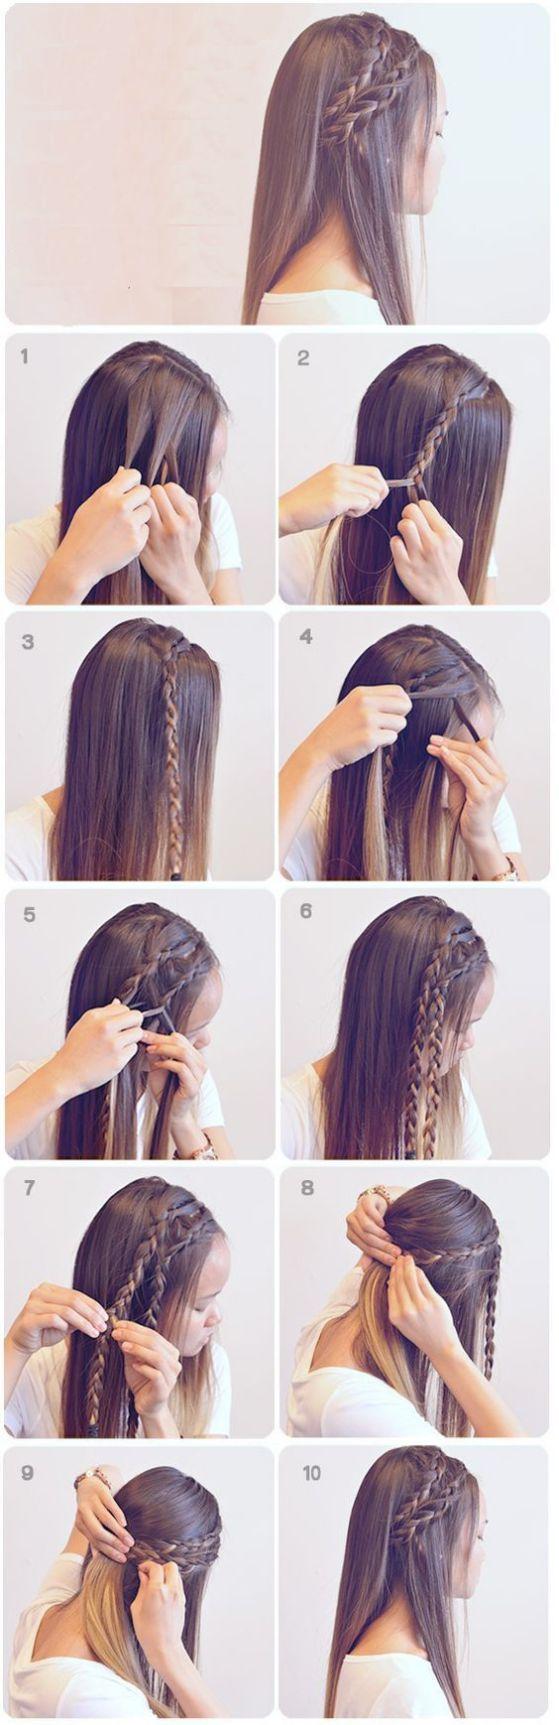 Прически для девочек на длинные волосы фото поэтапно в школу